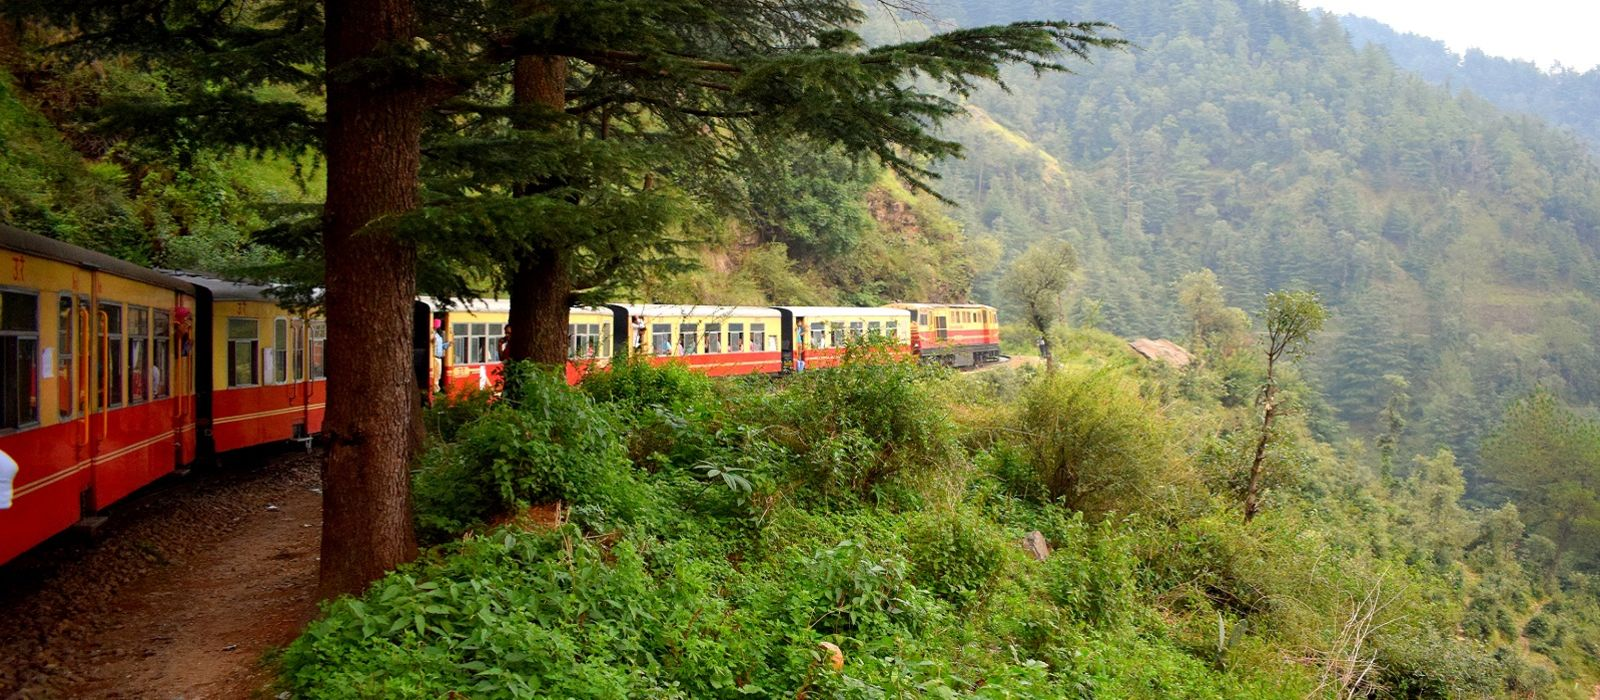 Das Oberoi Sommerangebot: Im Himalaya Gebirge Urlaub 3